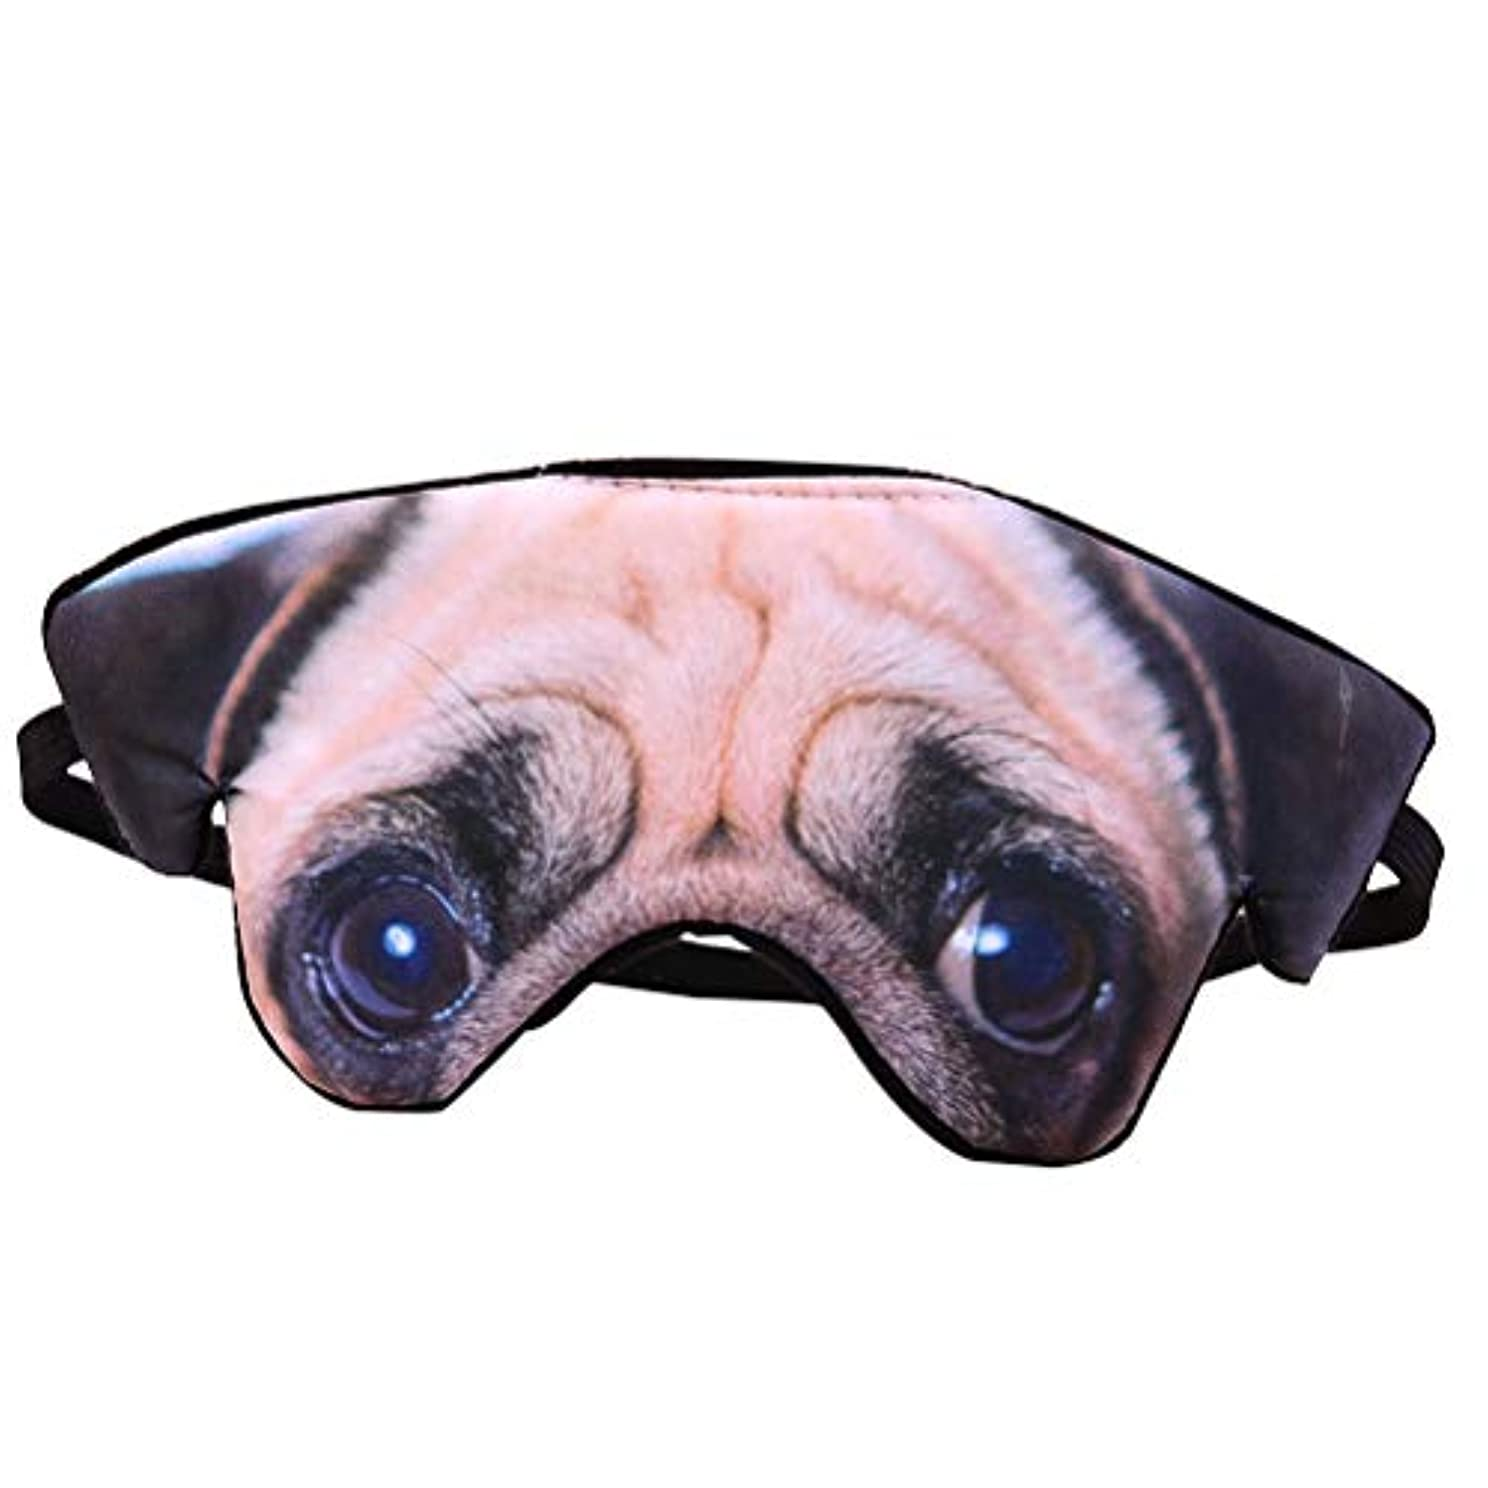 船乗り激怒リスキーなSUPVOX かわいい睡眠マスク目の睡眠マスクの子供のアイマスクパグのパターン(パグ)